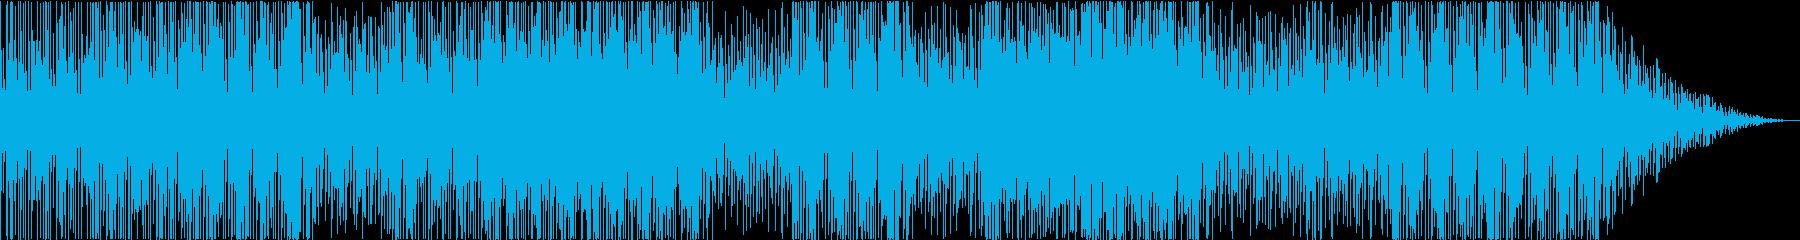 リゾートミュージックの再生済みの波形